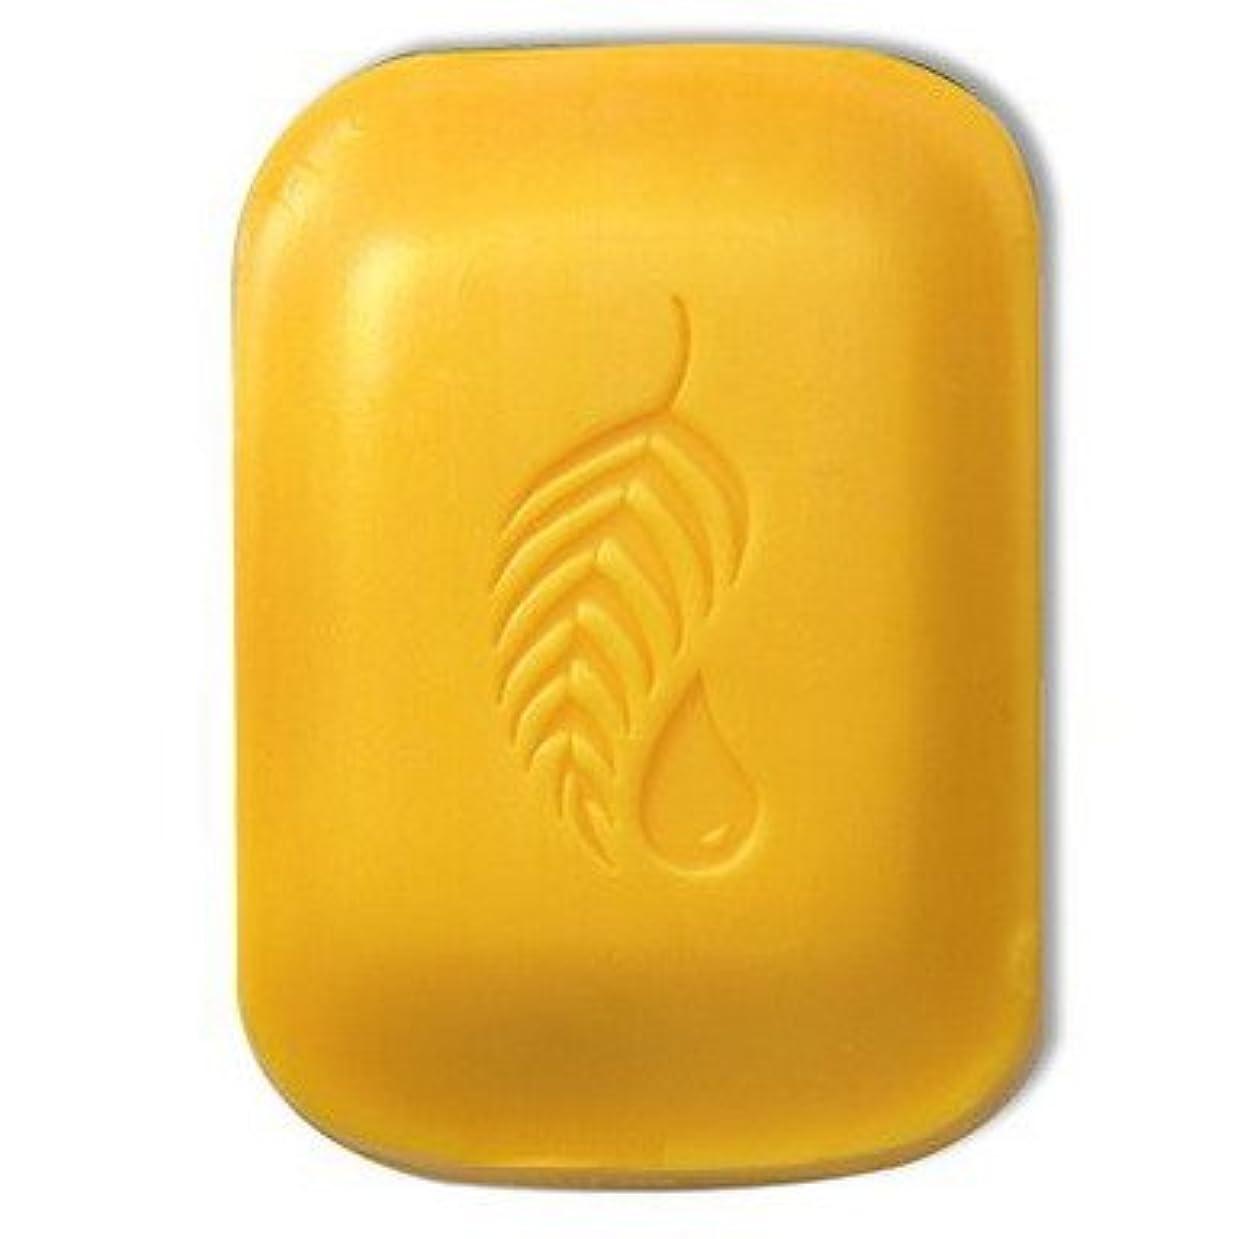 推測うれしい確実【Melaleuca(メラルーカ)】ゴールド バー トライアルサイズ42.5g [並行輸入品]